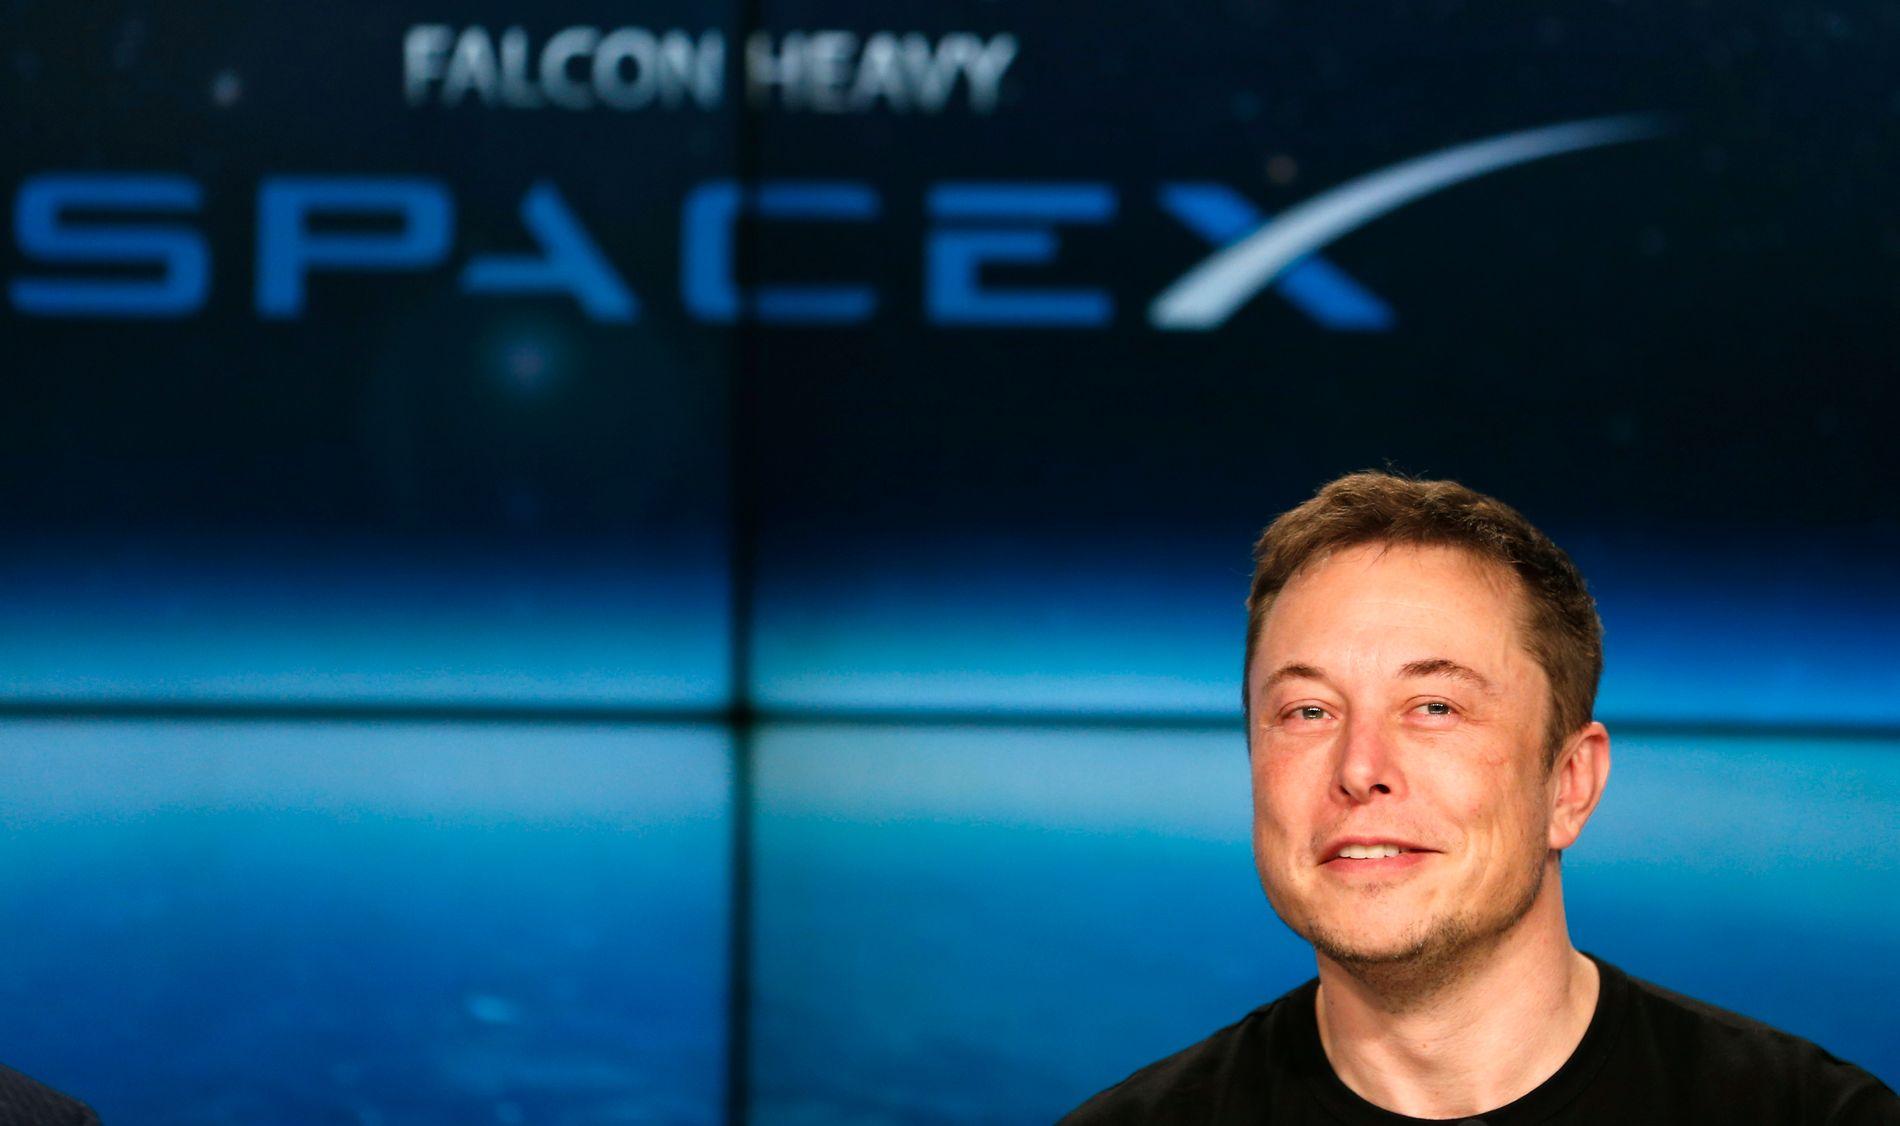 LIFE ON MARS: Space-X-grunnlegger Elon Musk smilte bredt etter den vellykkede oppskytningen av Falcon Heavy-raketten. - Vi håper dette kan åpne øynene for muligheter også for norsk satsning innen romfart, skriver kronikkforfatterne.